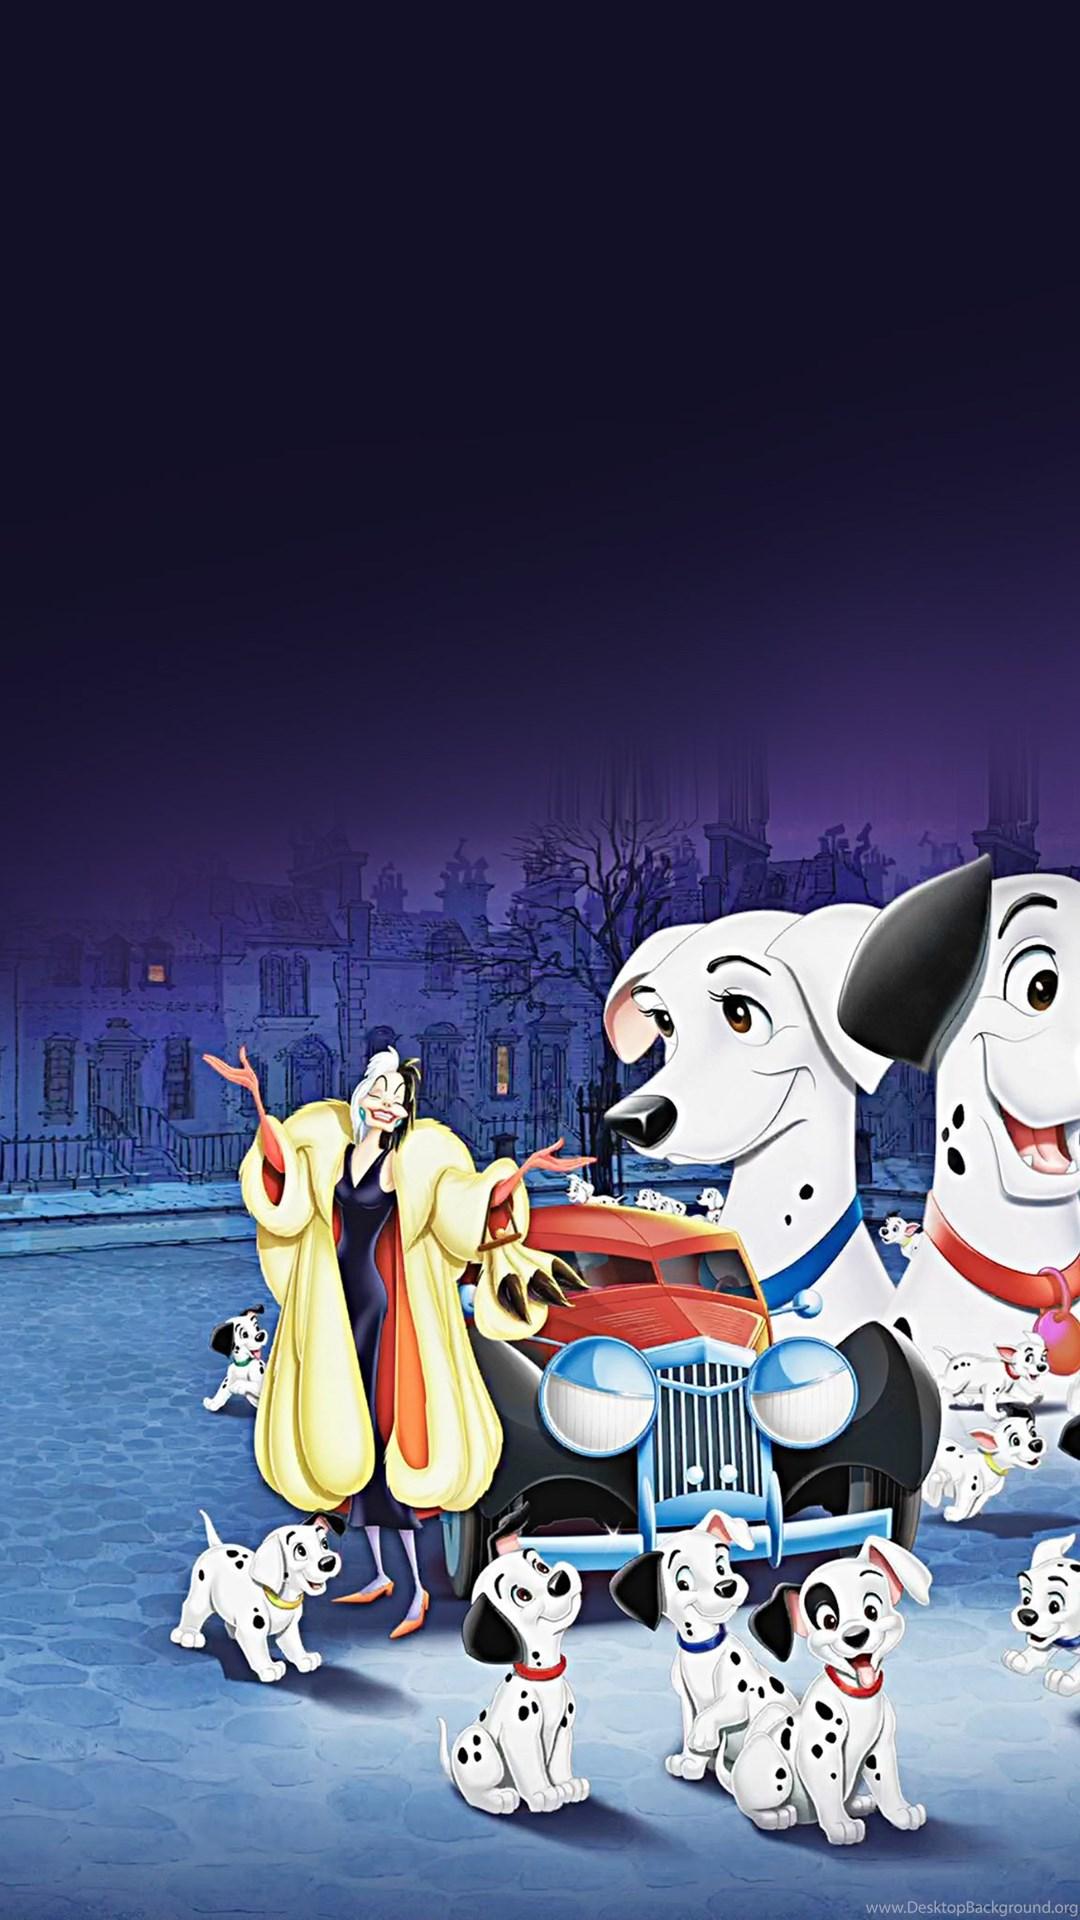 Disney Iphone Wallpapers Hd Backgrounds 566 Seo Wallpapers Desktop